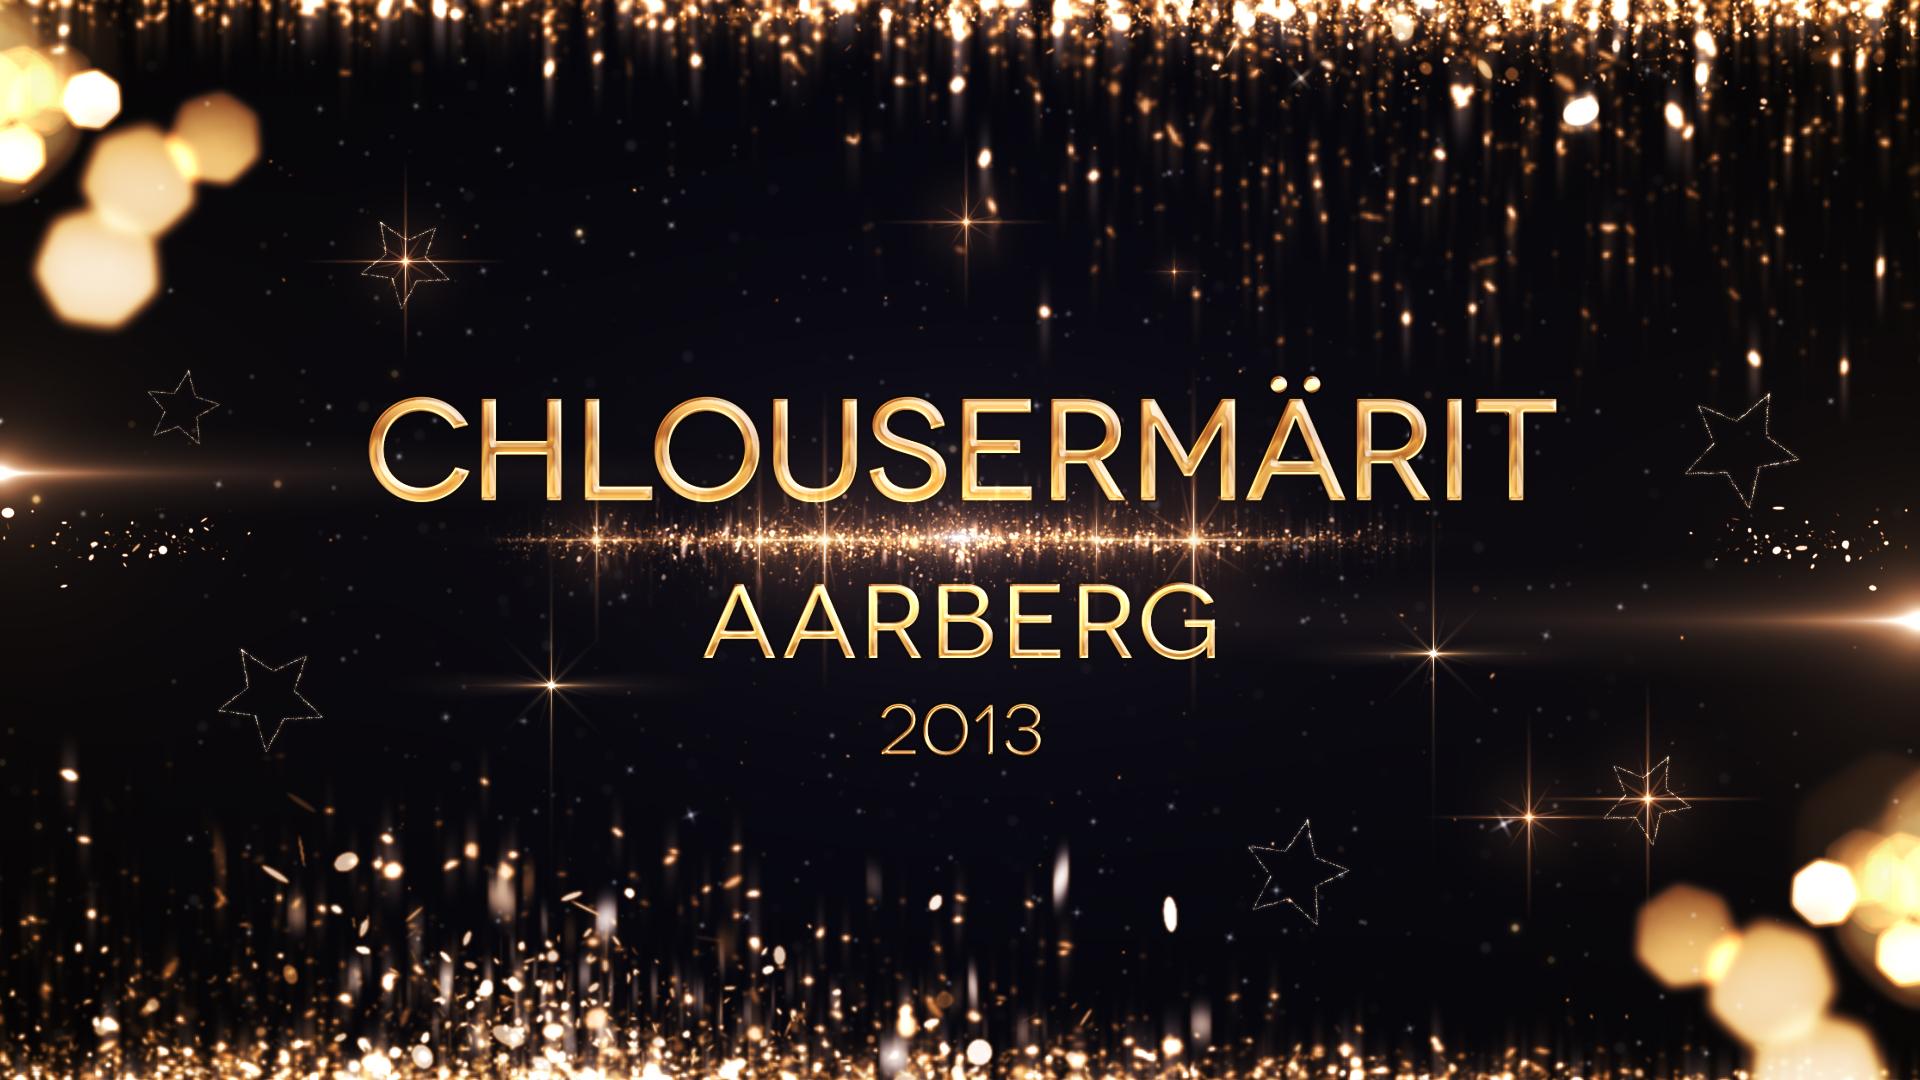 Chlousermärit Aarberg 2013